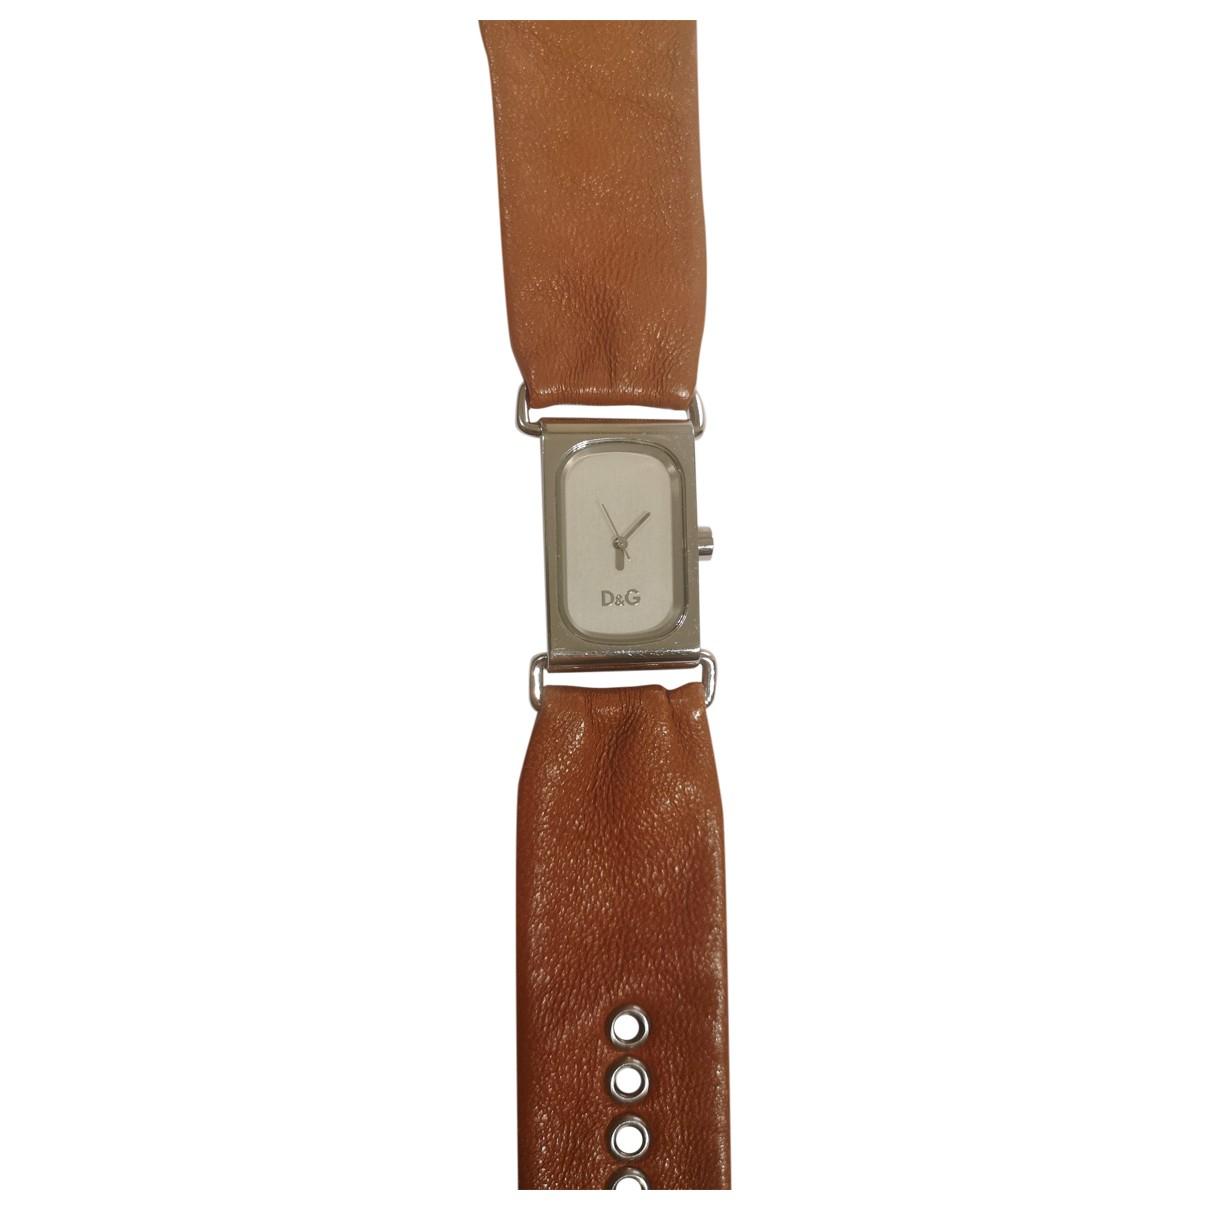 D&g \N Camel Steel watch for Women \N